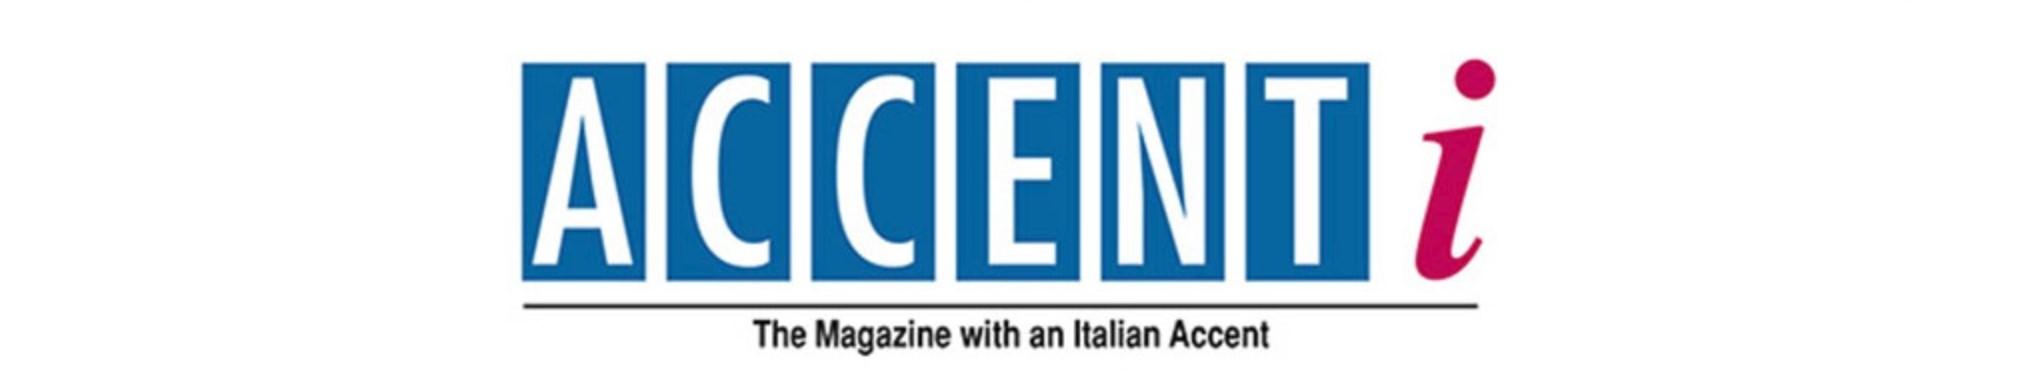 2019 Accenti Magazine Photo Contest - logo